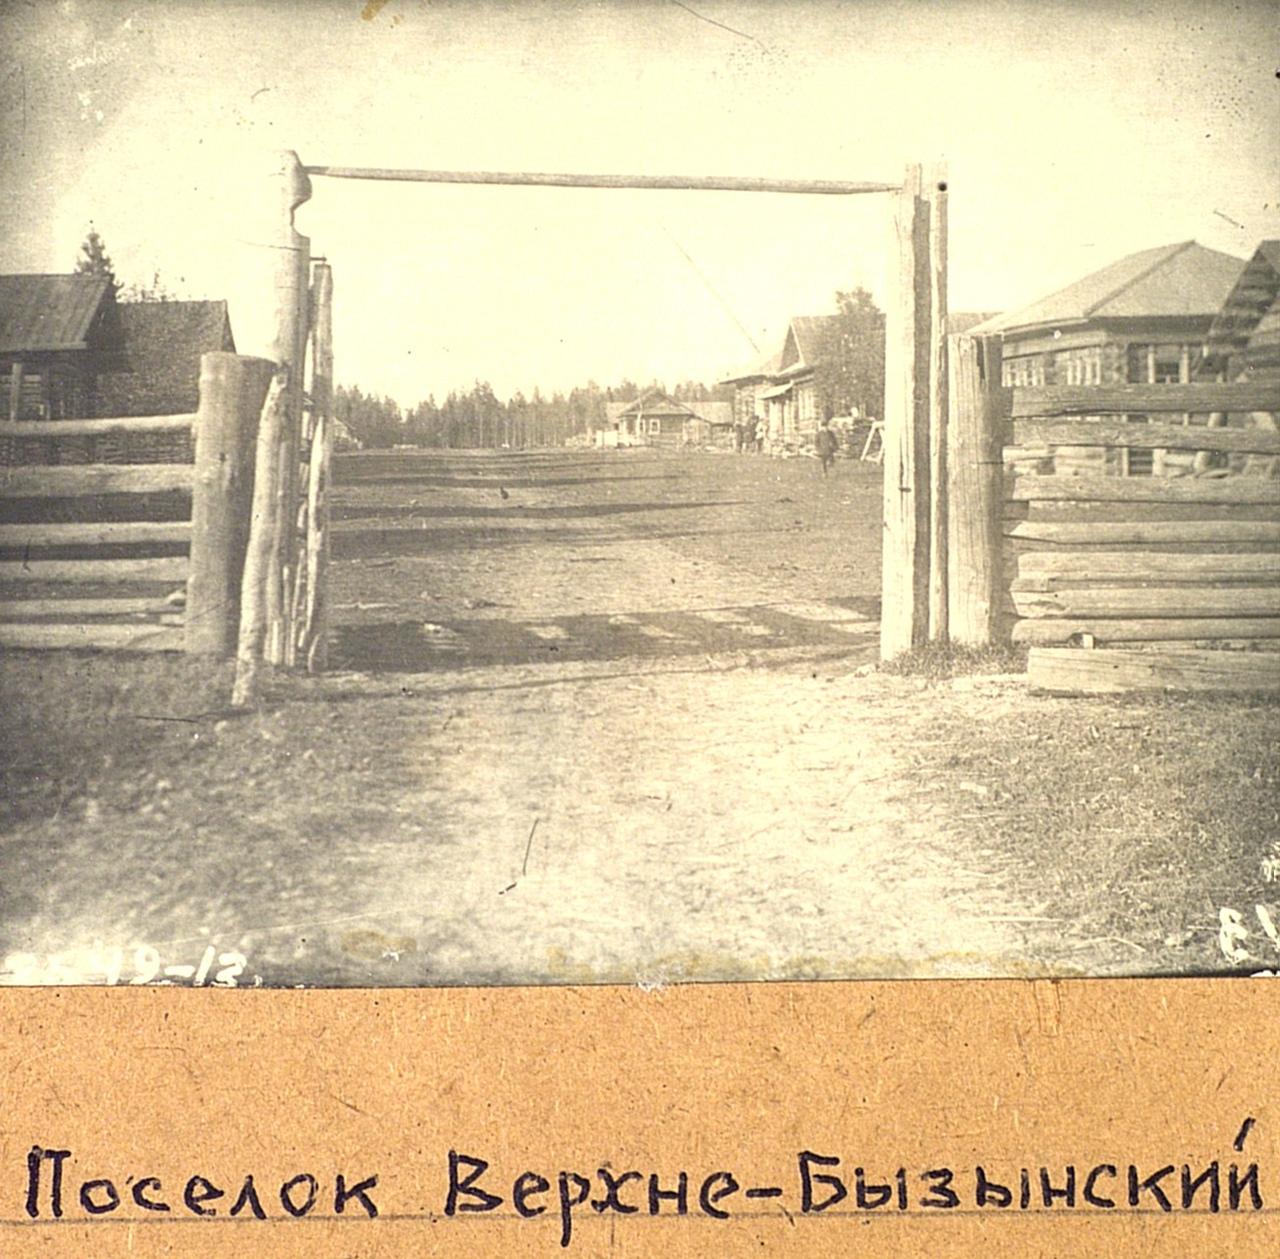 Поселок Верхне-Бызинский. Эвенки (тунгусы). Омская область, Тарский район. 1926. № 3542-13.